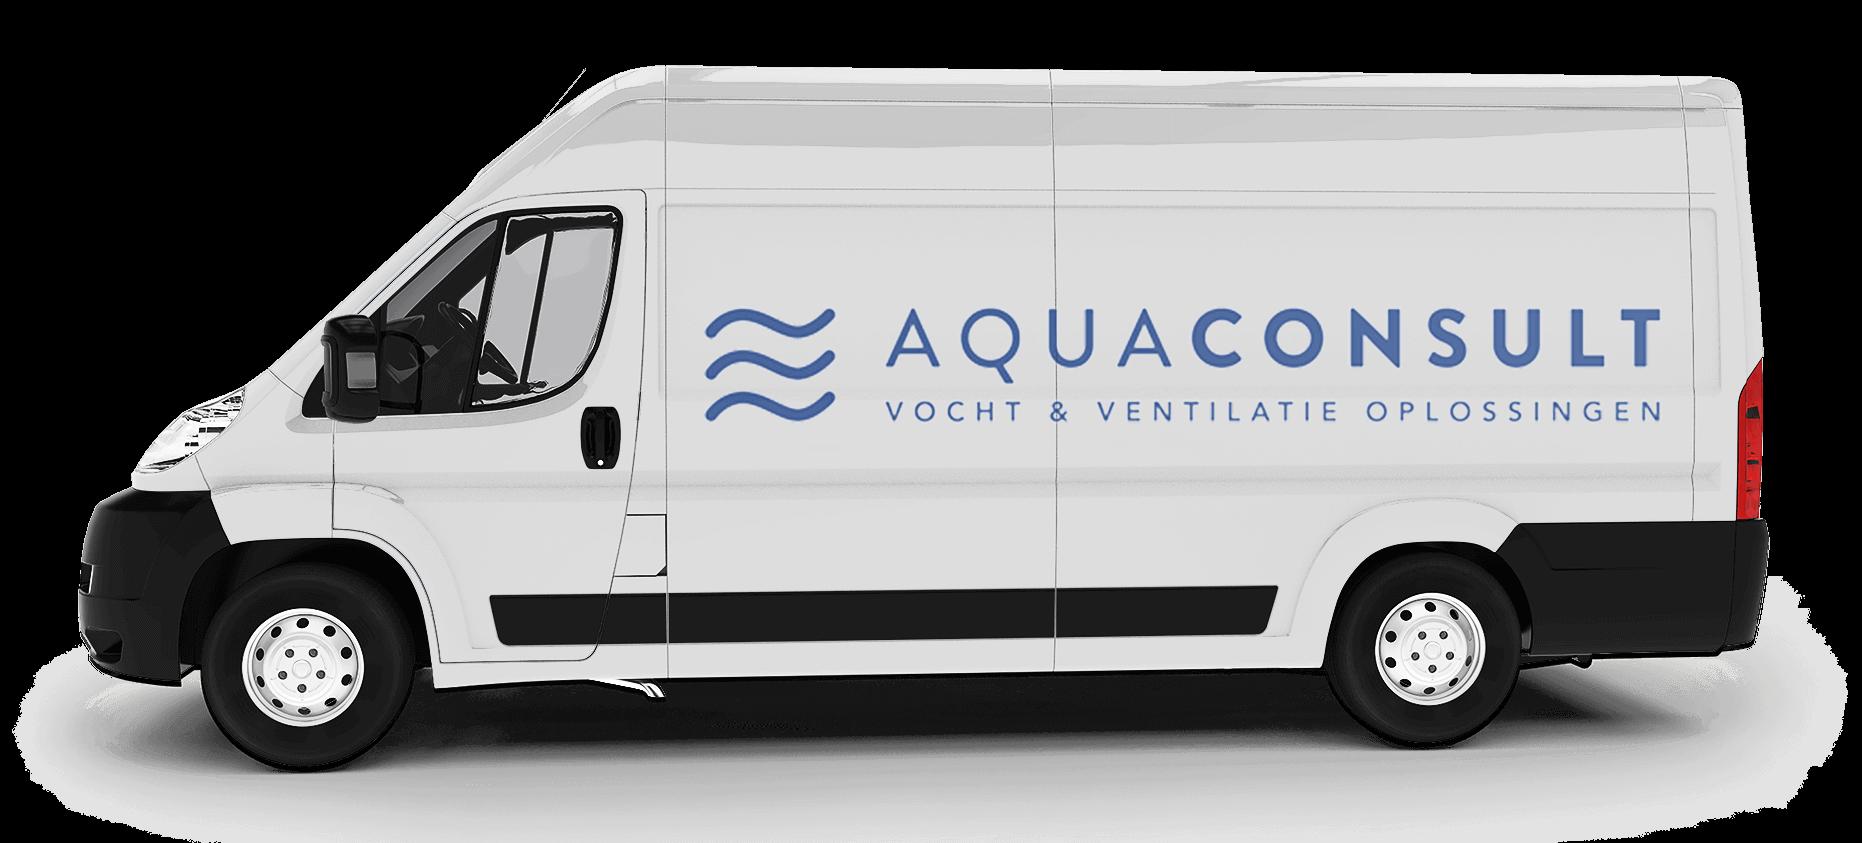 Logo de la camionnette Aquaconsult